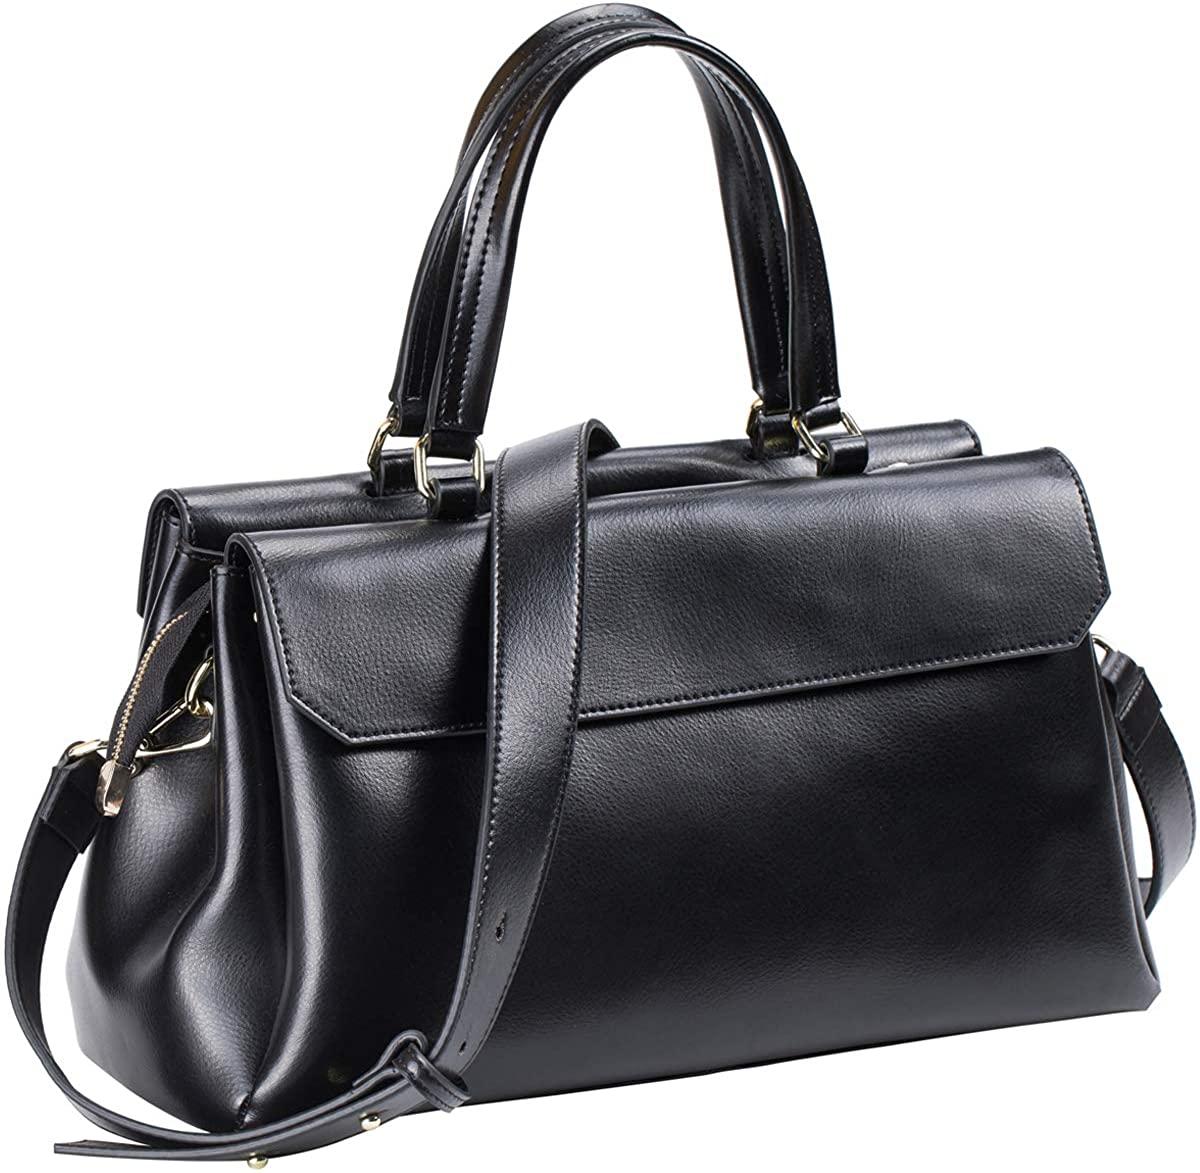 Genuine Leather Handbags for Women Top Handle Satchel Purse Shoulder Bag Vegan Zip Crossbody Bag